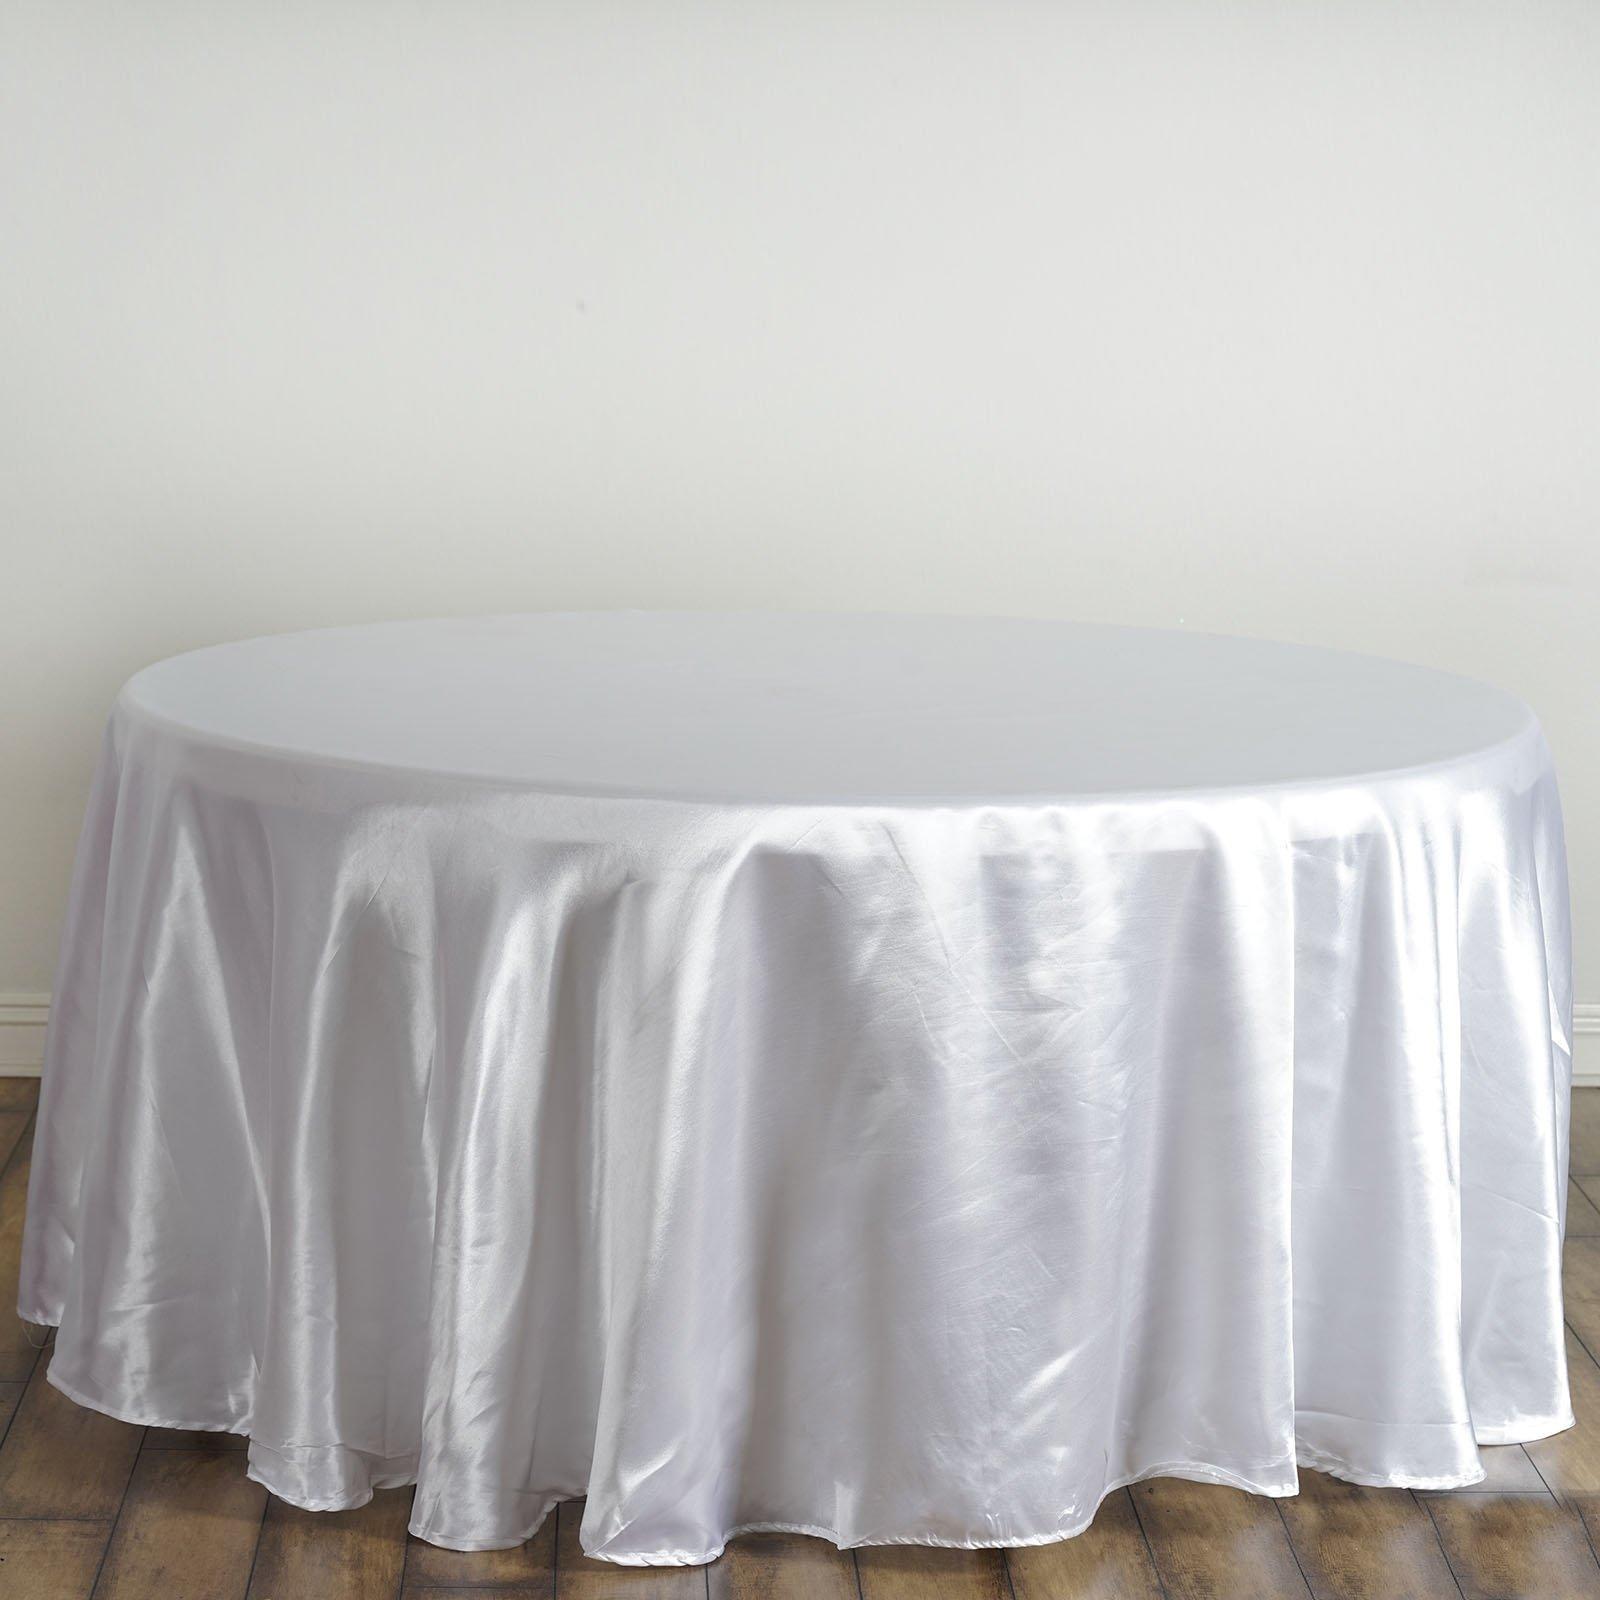 White Satin Round Tablecloth